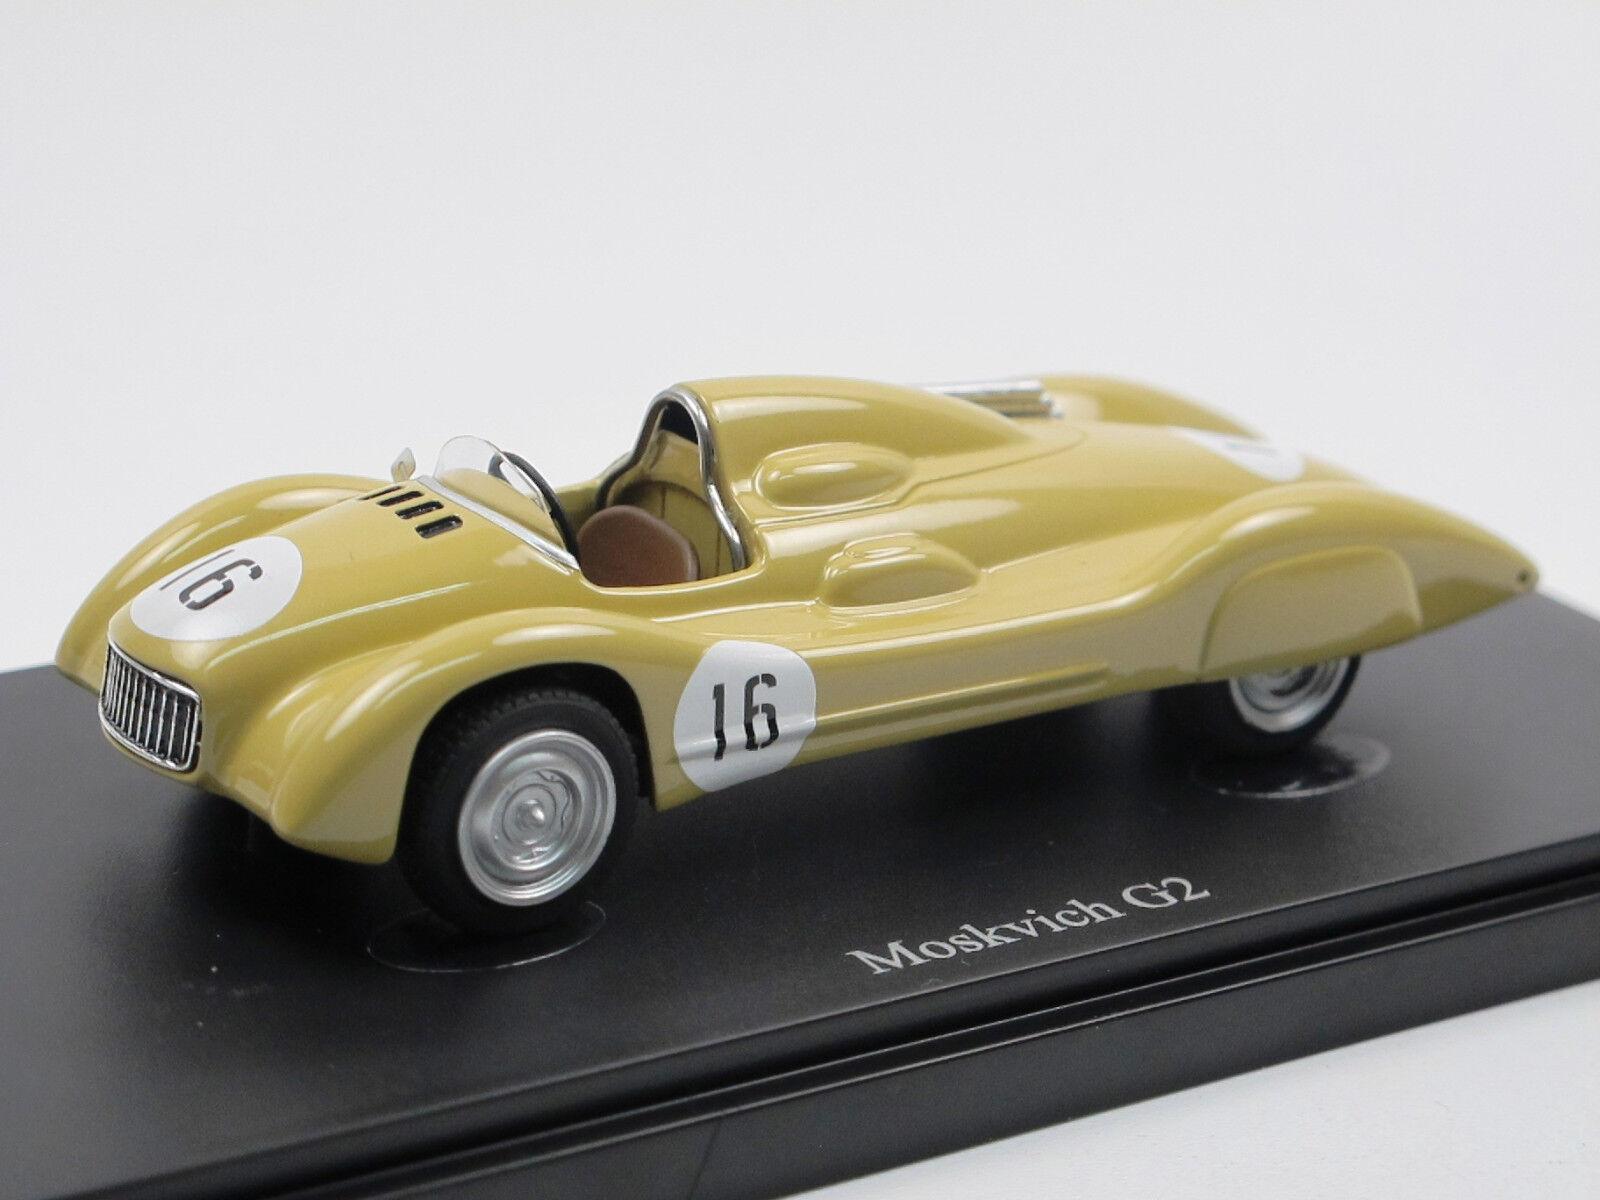 Autocult 07010 - moskvich moskwitsch g2 - 407 - rennwagen 1959 udssr - 1   43